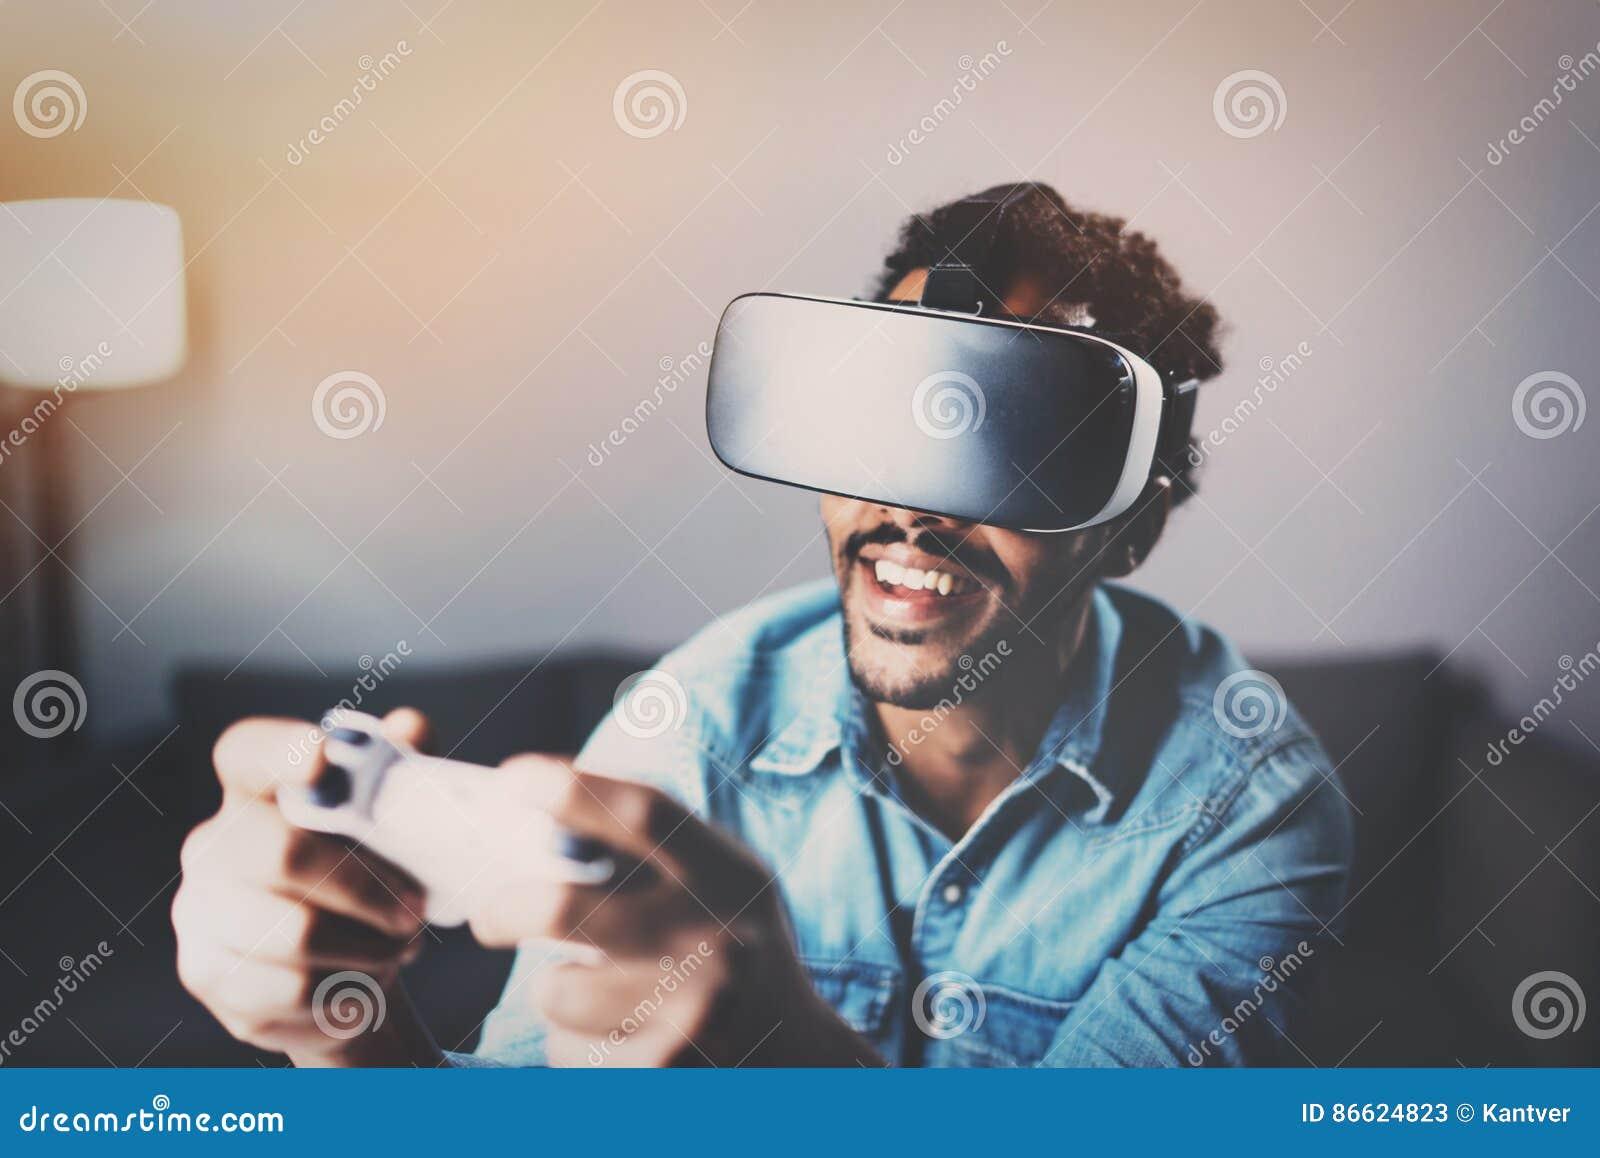 Konzept der Technologie, des Spiels, der Unterhaltung und der Leute Afrikanischer Mann, der Glasvideospiel der virtuellen Realitä